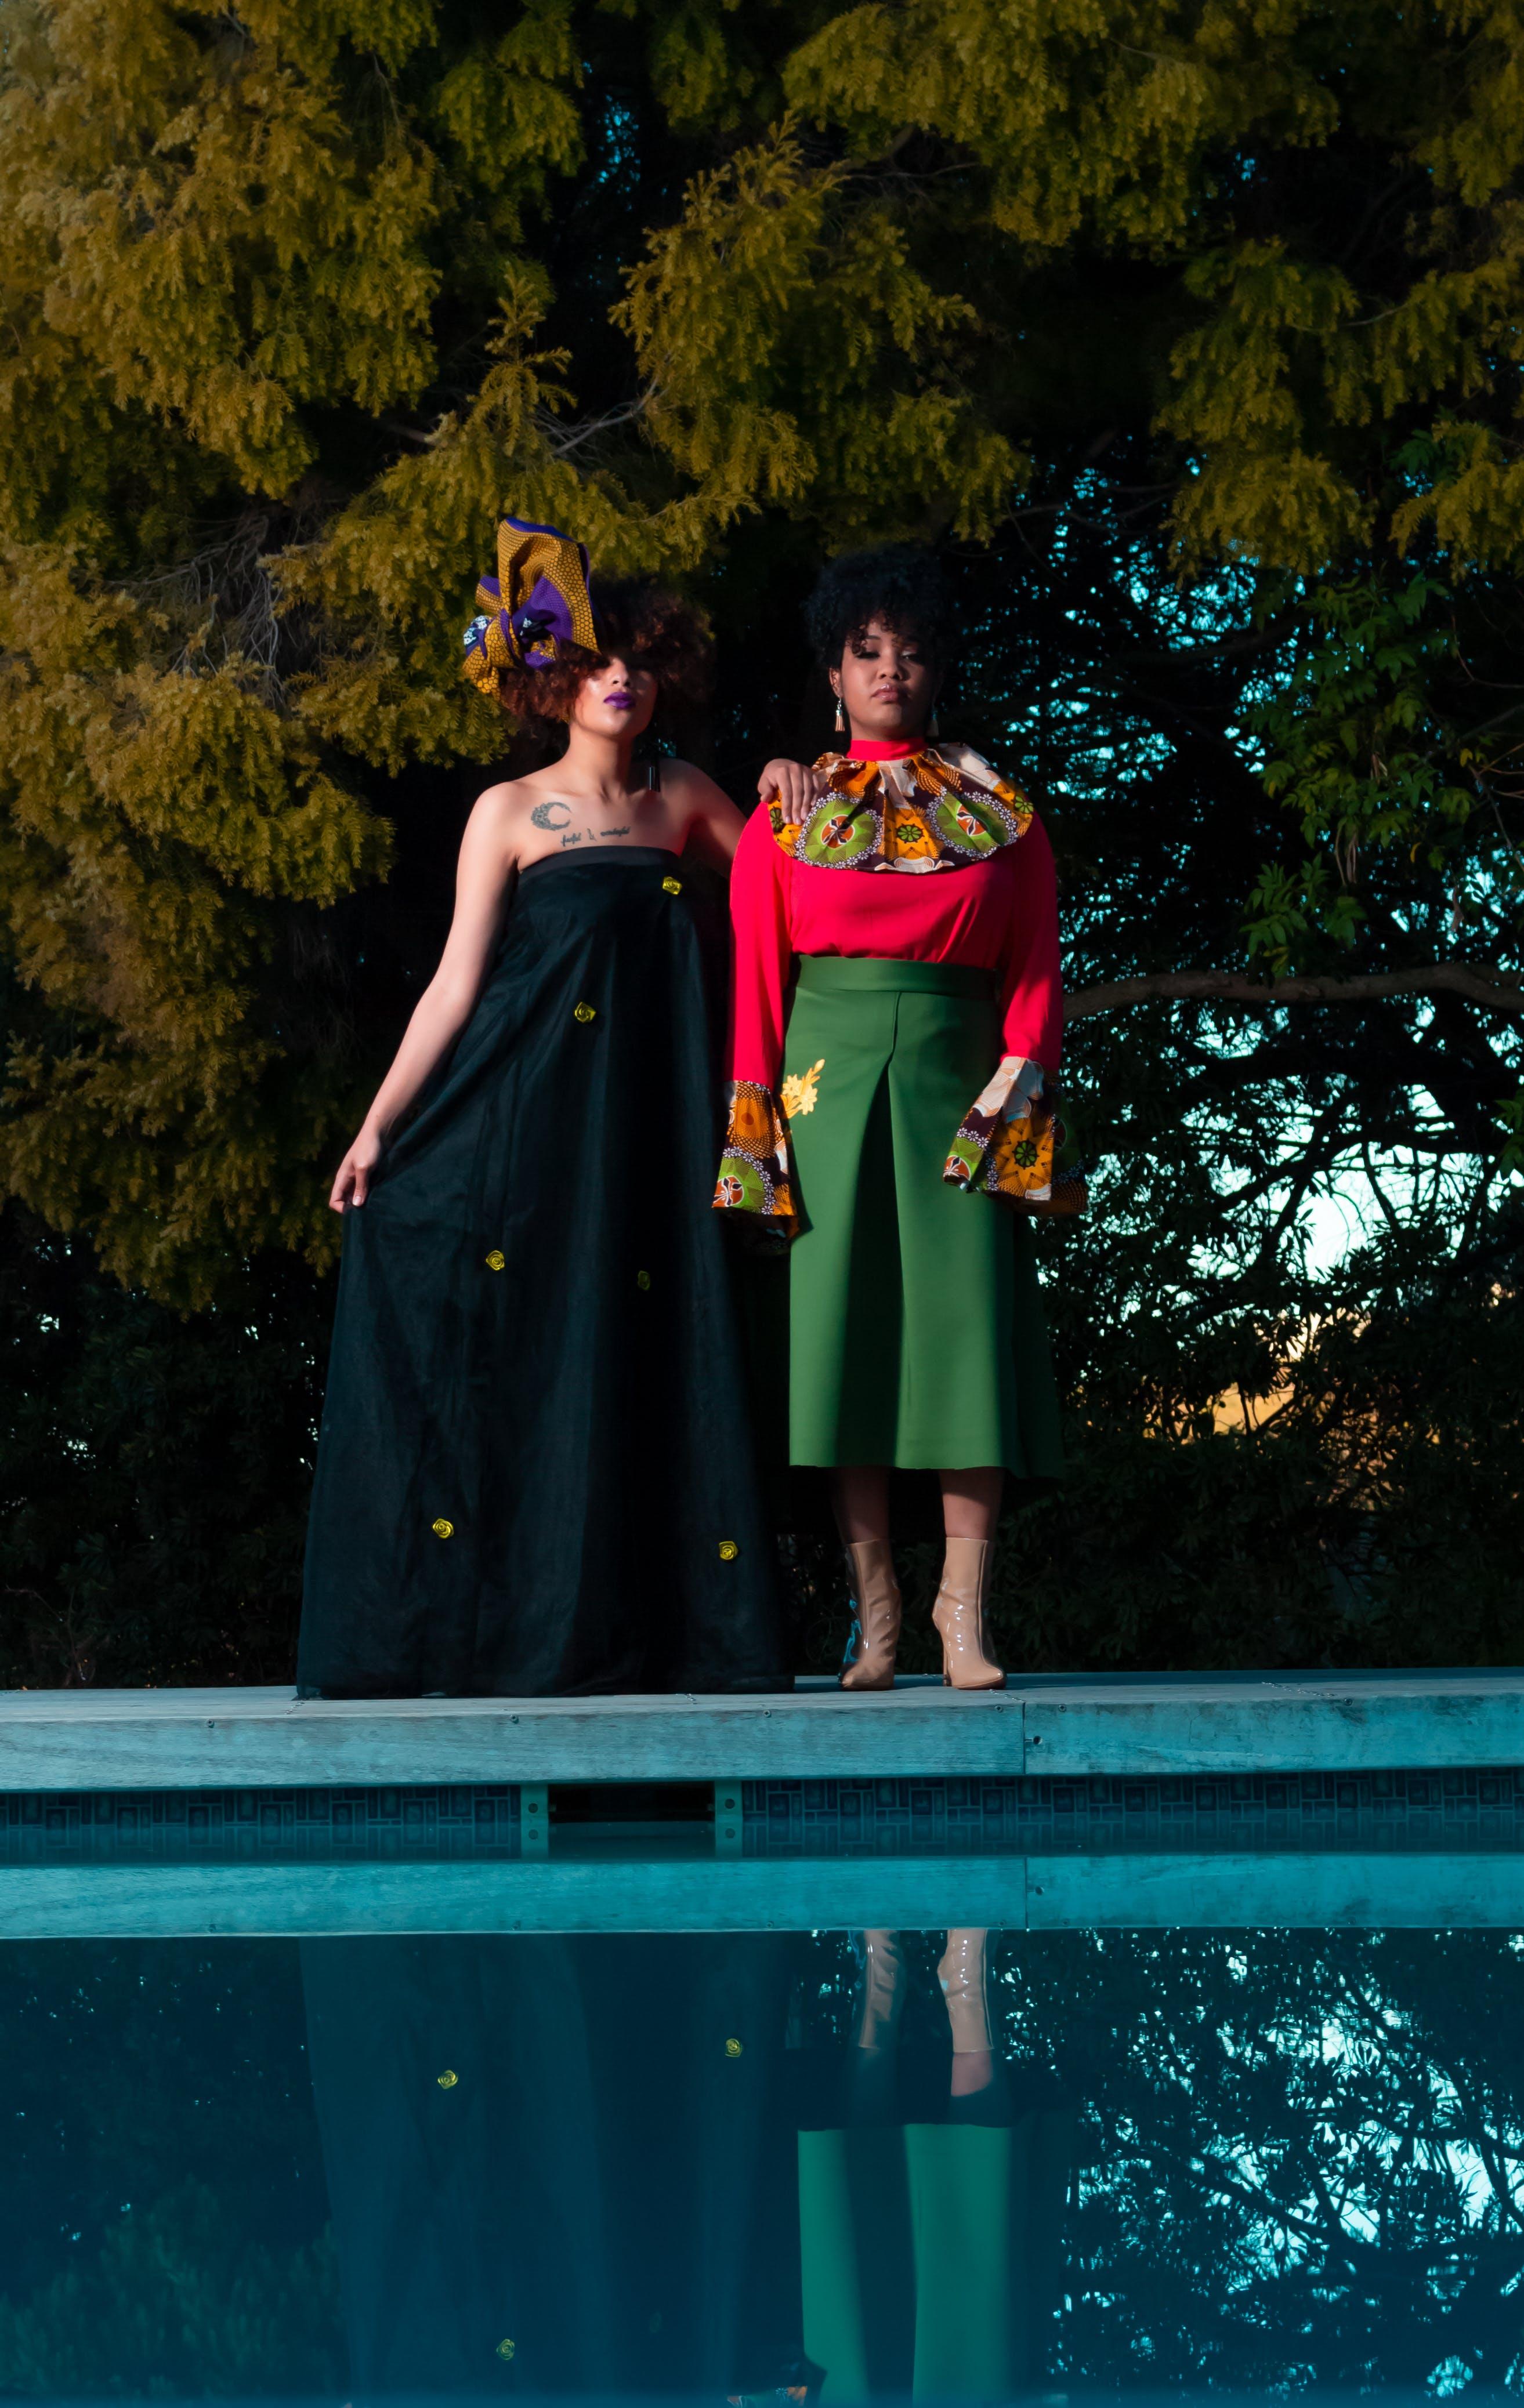 Kostenloses Stock Foto zu fashion, menschen, frauen, bäume